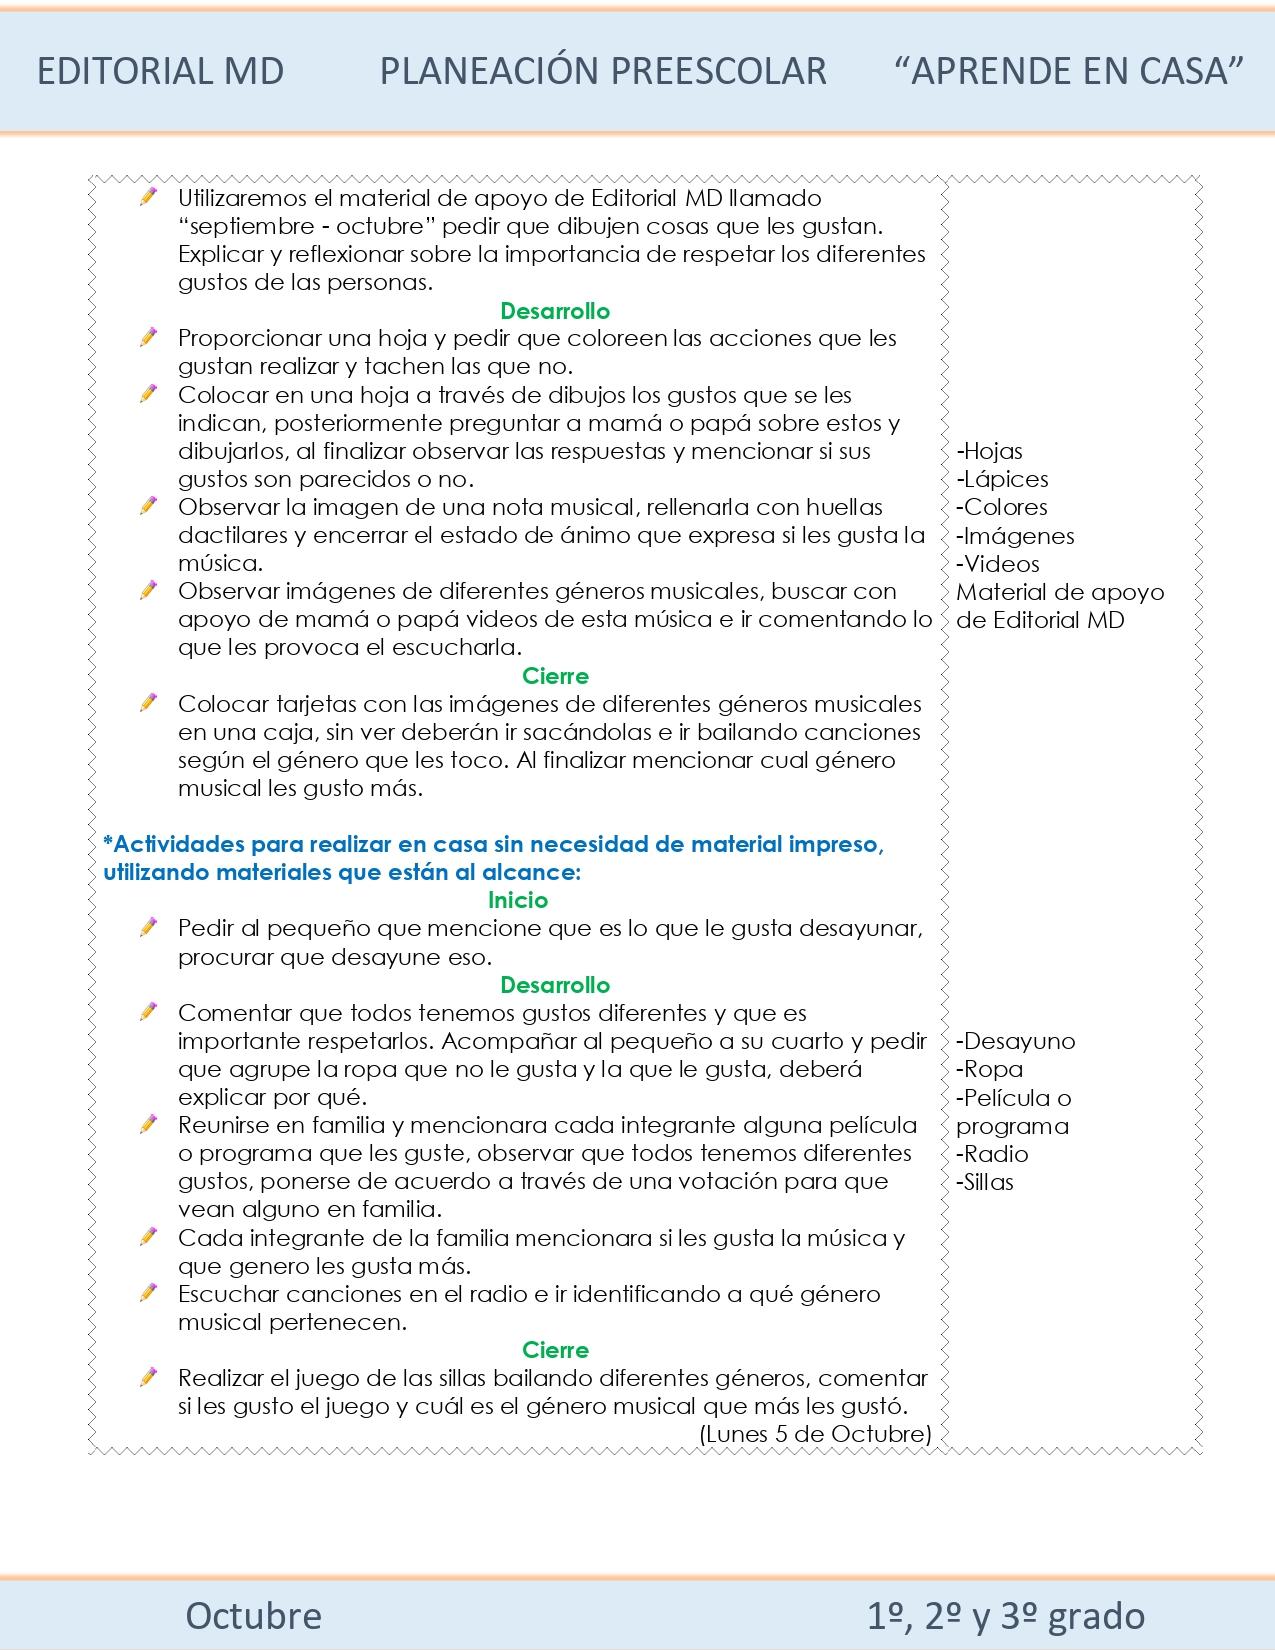 planeacion Preescolar semana 7 de nivel preescolar